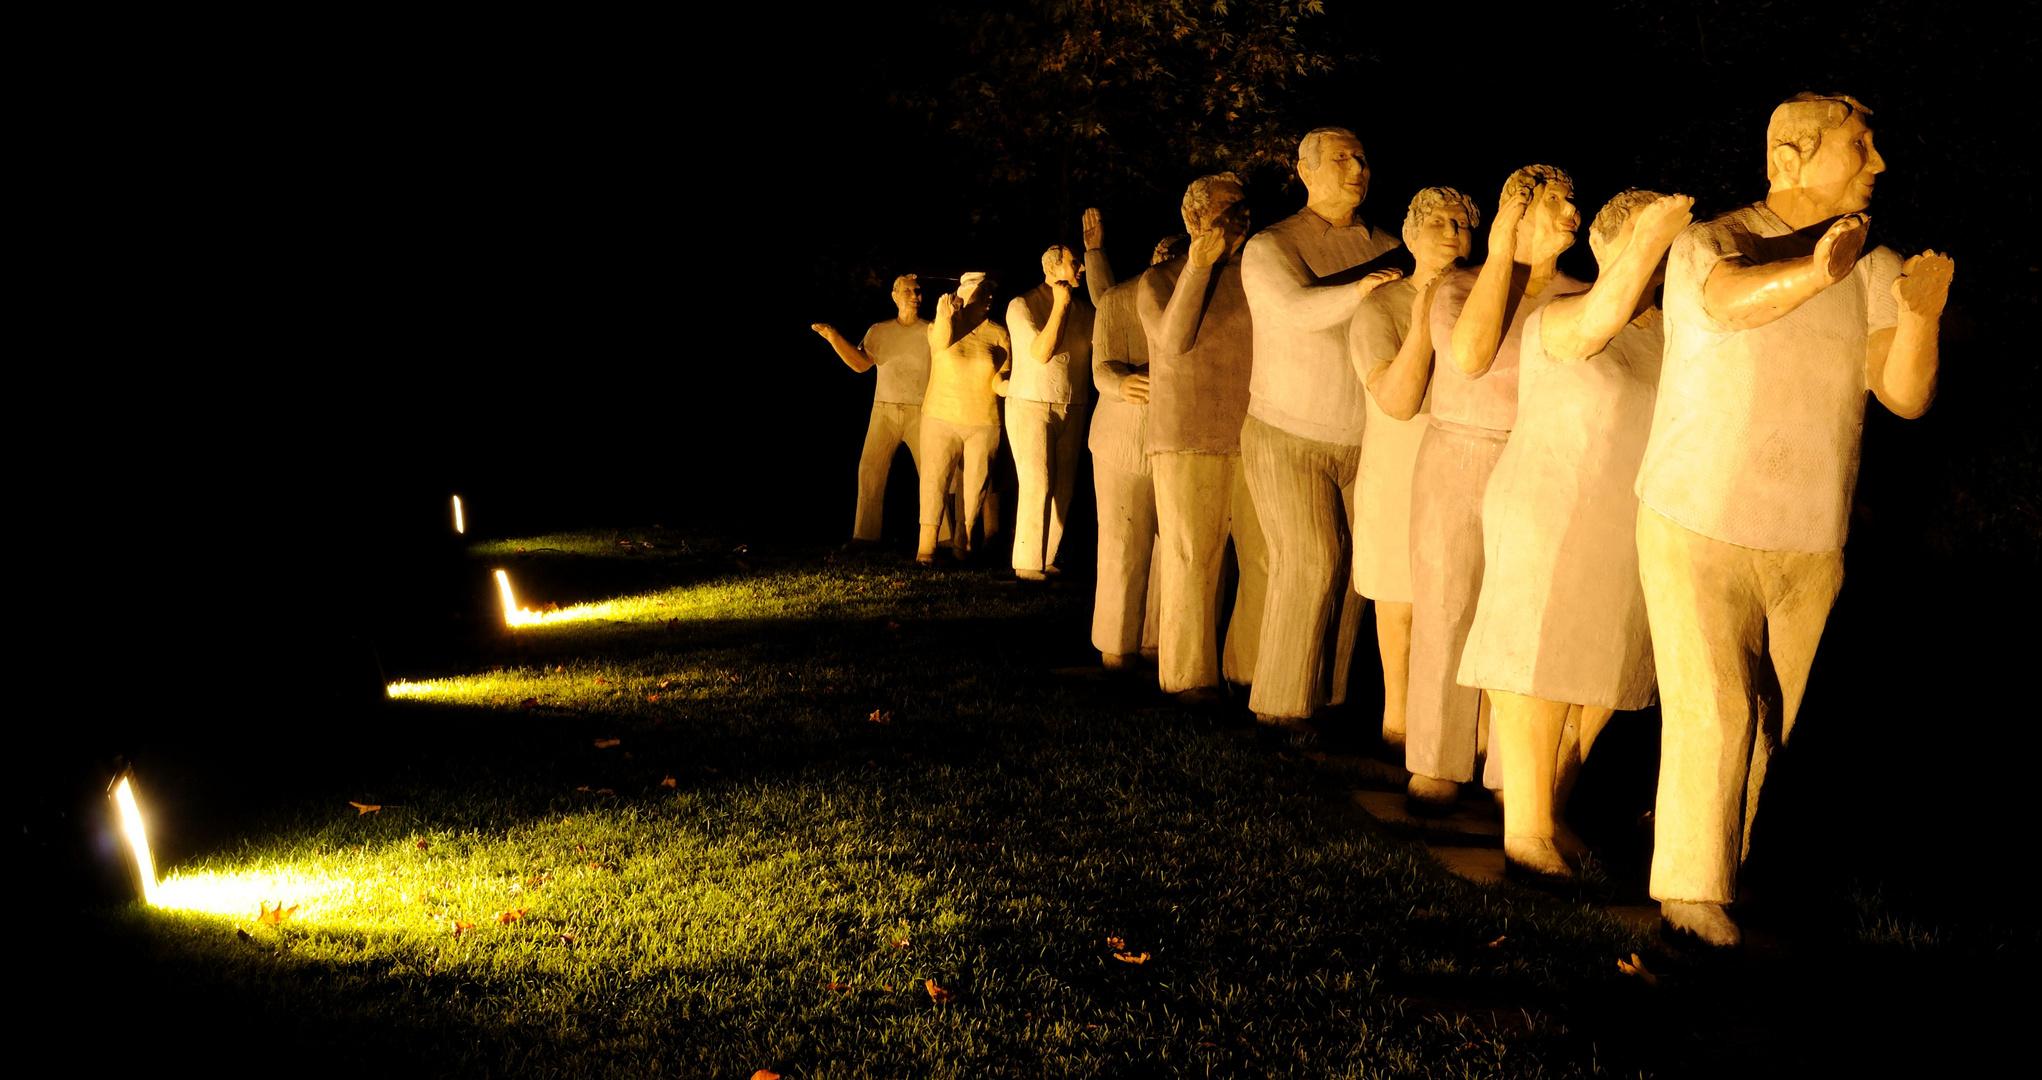 Menschen im Licht